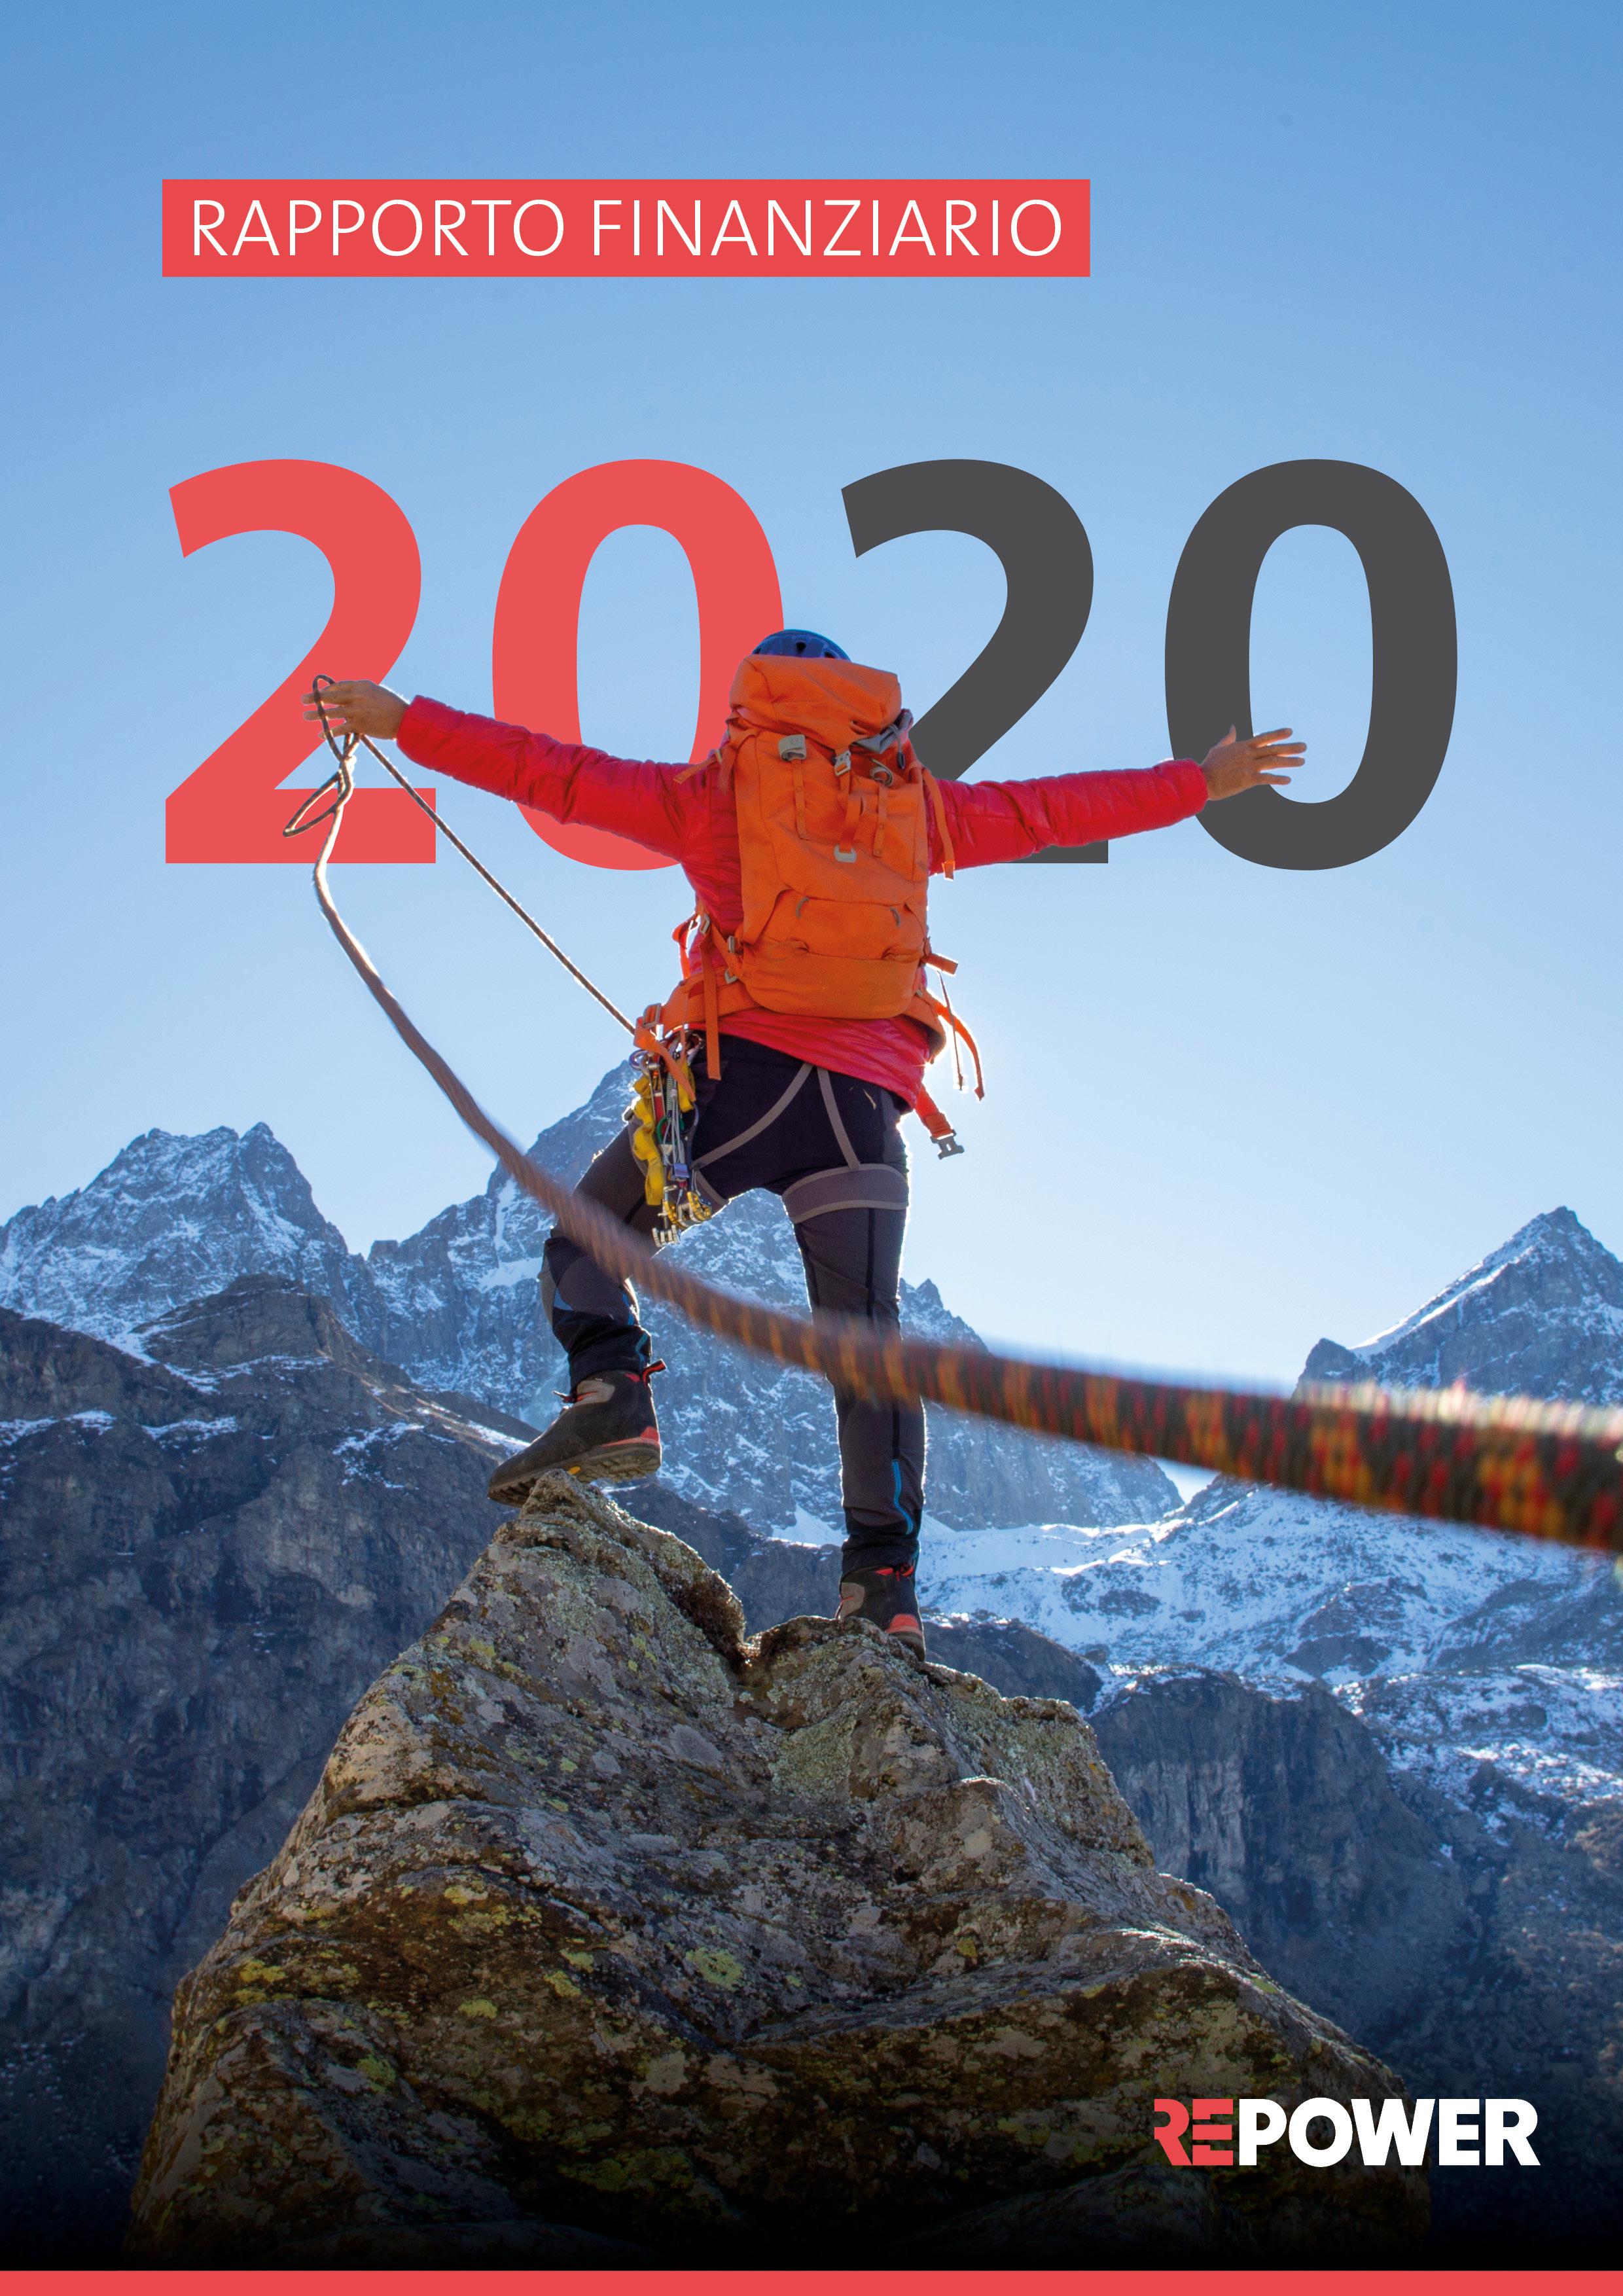 Rapporto di gestione 2020 – Rapporto finanziario preview